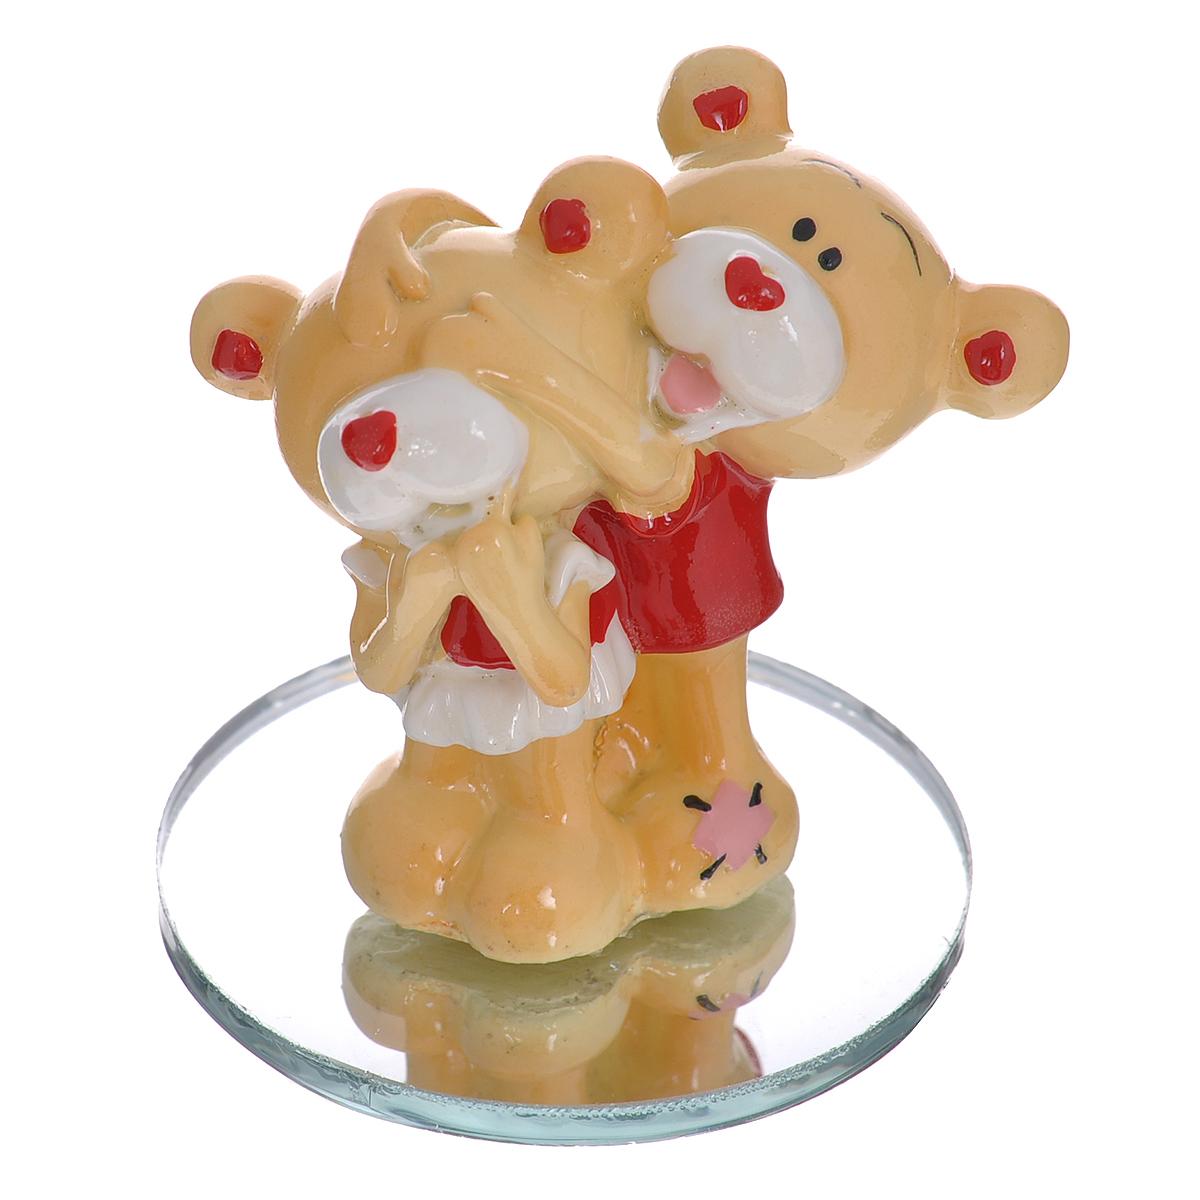 Фигурка декоративная Мишка-валентинка. 123431123431Декоративная фигурка Мишка-валентинка изготовлена из полистоуна в виде двух милых медвежат. Фигурка помещается на круглую зеркальную подставку. Такая фигурка станет идеальным сувениром ко Дню Святого Валентина, она без лишних слов выразит все ваши чувства.Фигурка упакована в подарочную коробку, перевязанную красной атласной лентой. Характеристики: Материал: полистоун, стекло. Цвет: бежевый, красный. Высота фигурки: 5,5 см. Диаметр основания: 5 см. Размер упаковки: 7,5 см х 6 см х 10 см. Артикул: 123431.